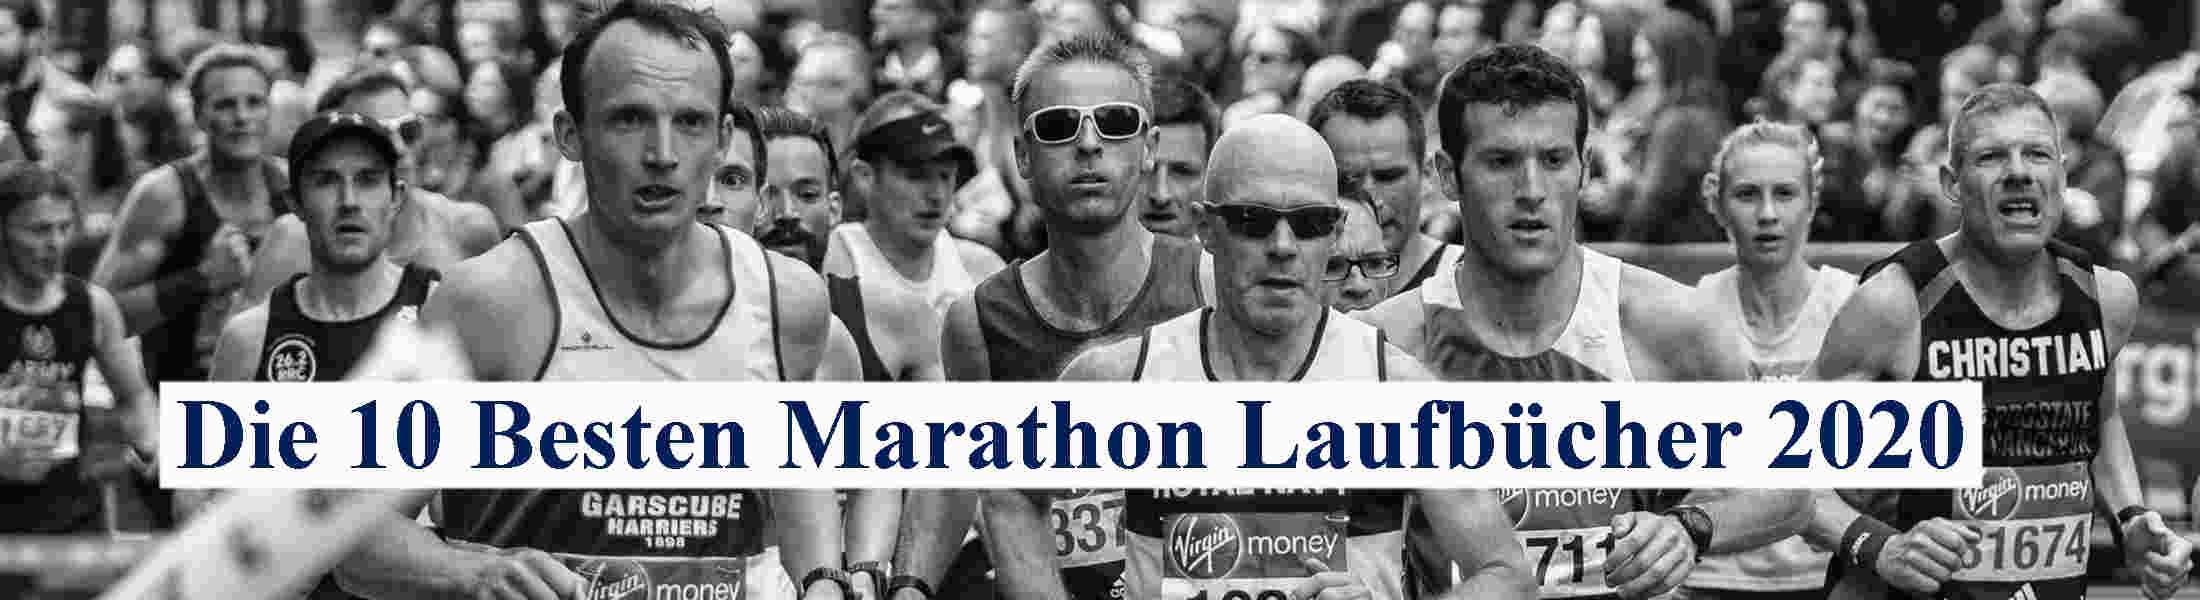 Bild die 10 besten Marathon Laufbücher 2020